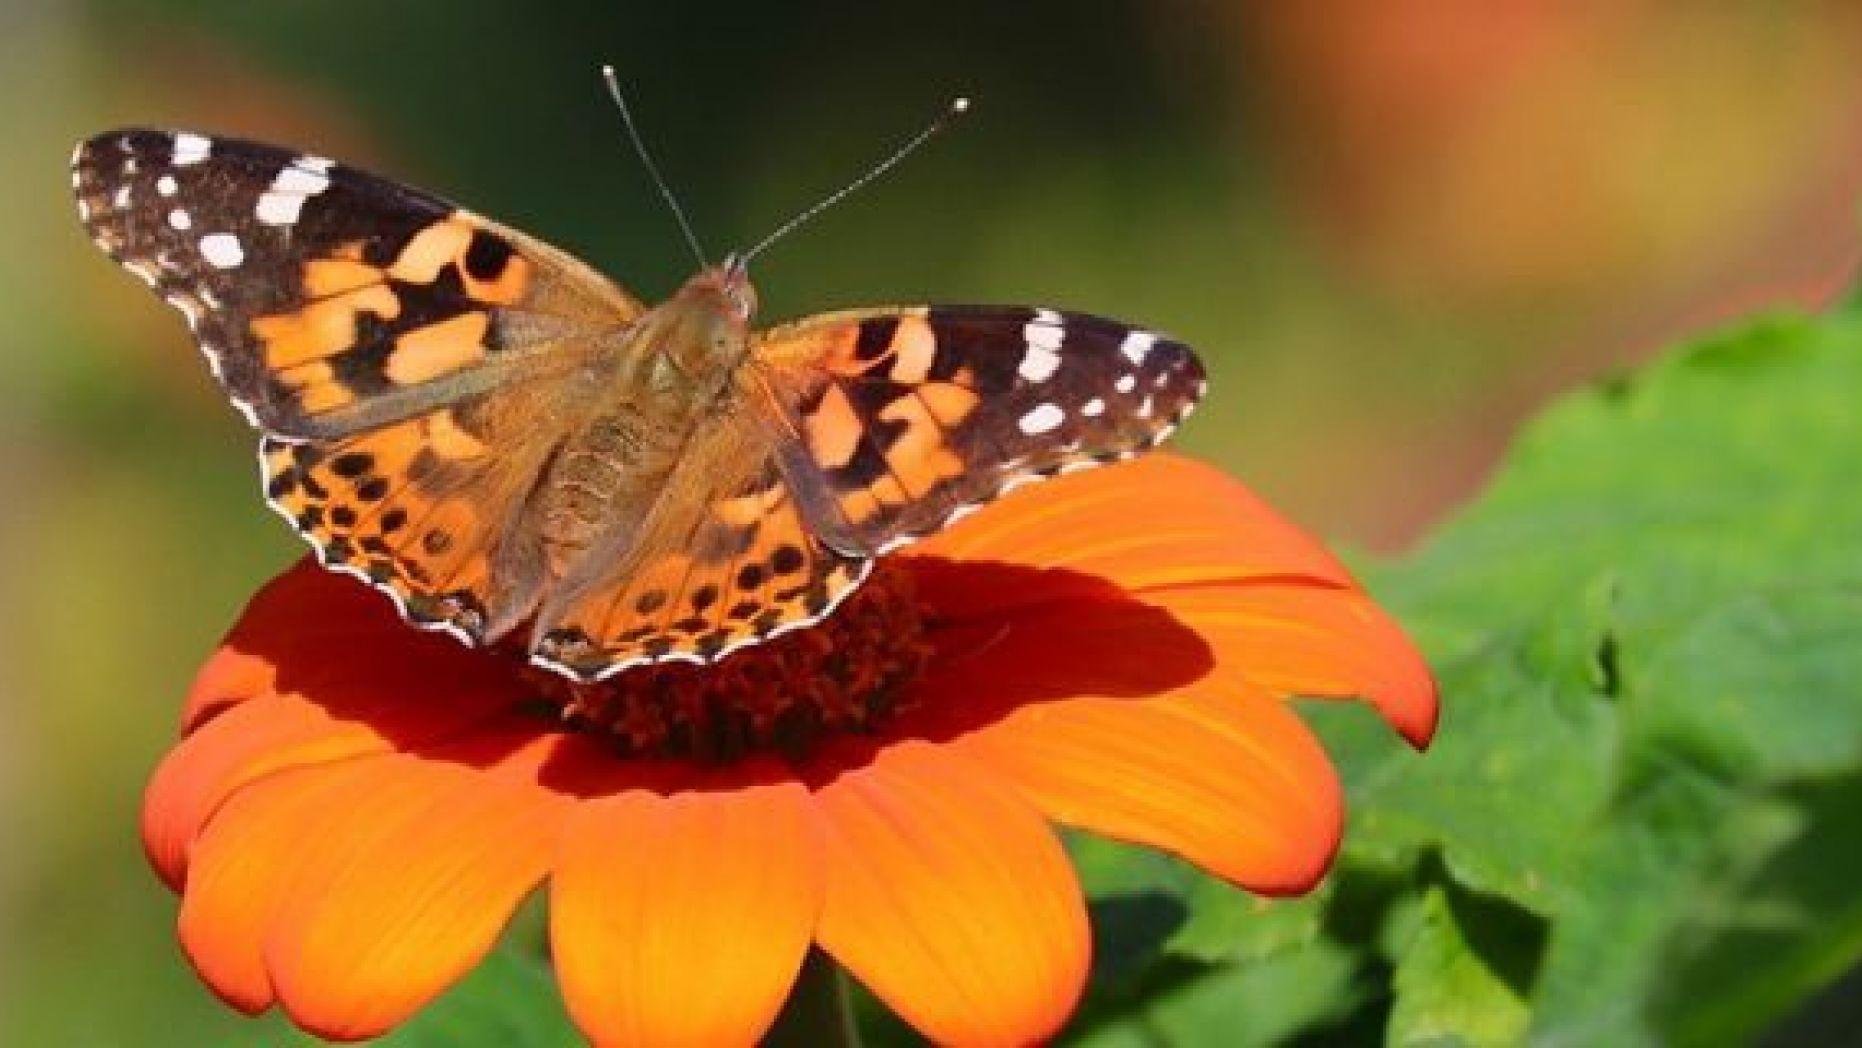 Cnhá bướm xinh màu cam đậu trên bông hoa cam